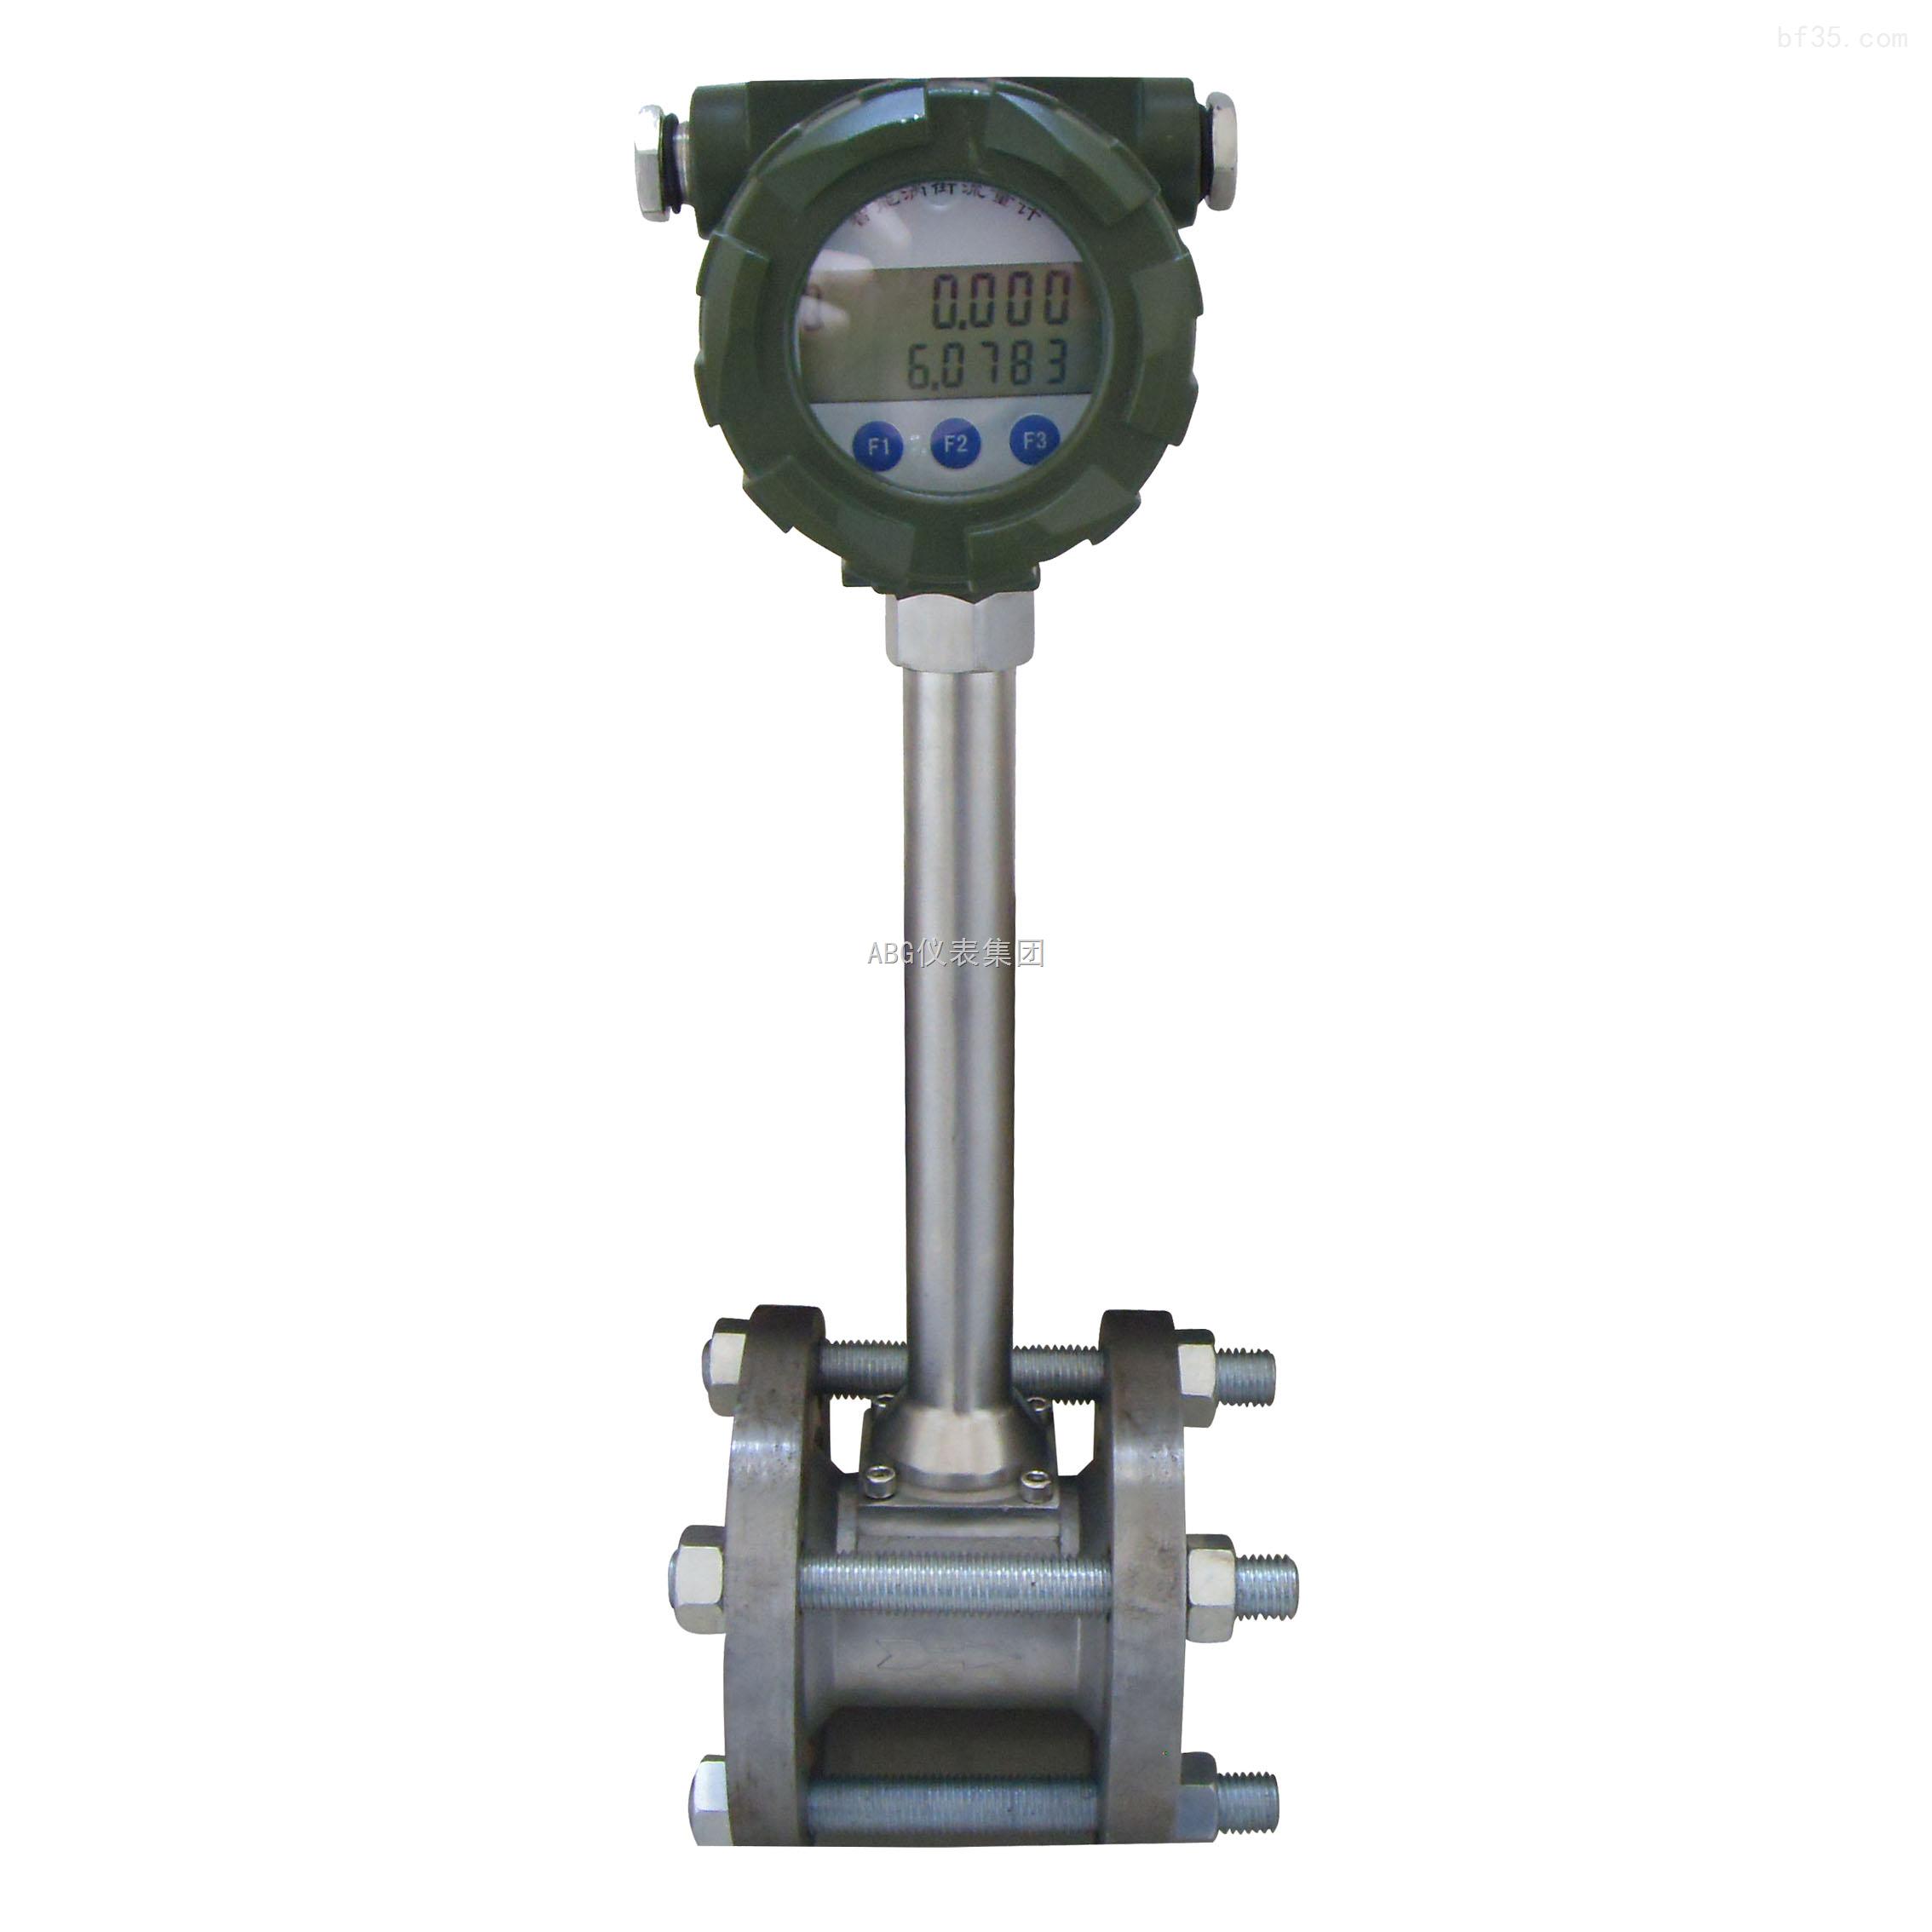 采用可变面积式测量原理,适用于测量液体,气体。全金属结构,有指示型、电远传型、耐腐型、高压型、夹套型、防爆型。具有0-10mA,4-20mA的标准模拟量信号输出和现场指示。累积,数字通讯,现场修改测量参数,不同的供电方式功能,带有磁性过滤器和特殊规格品种。广泛应用于,石油、化工、发电、制药、食品、水处理等。复杂,恶劣环境条件,及各种介质条件的流量测量过程中。 浮子式空气流量计的详细介绍 浮子式空气流量计特点 浮子式空气流量计在测量管中,随着流量的变化,将浮子向上移动,在某一位置浮子所受的浮力与浮子重力达到